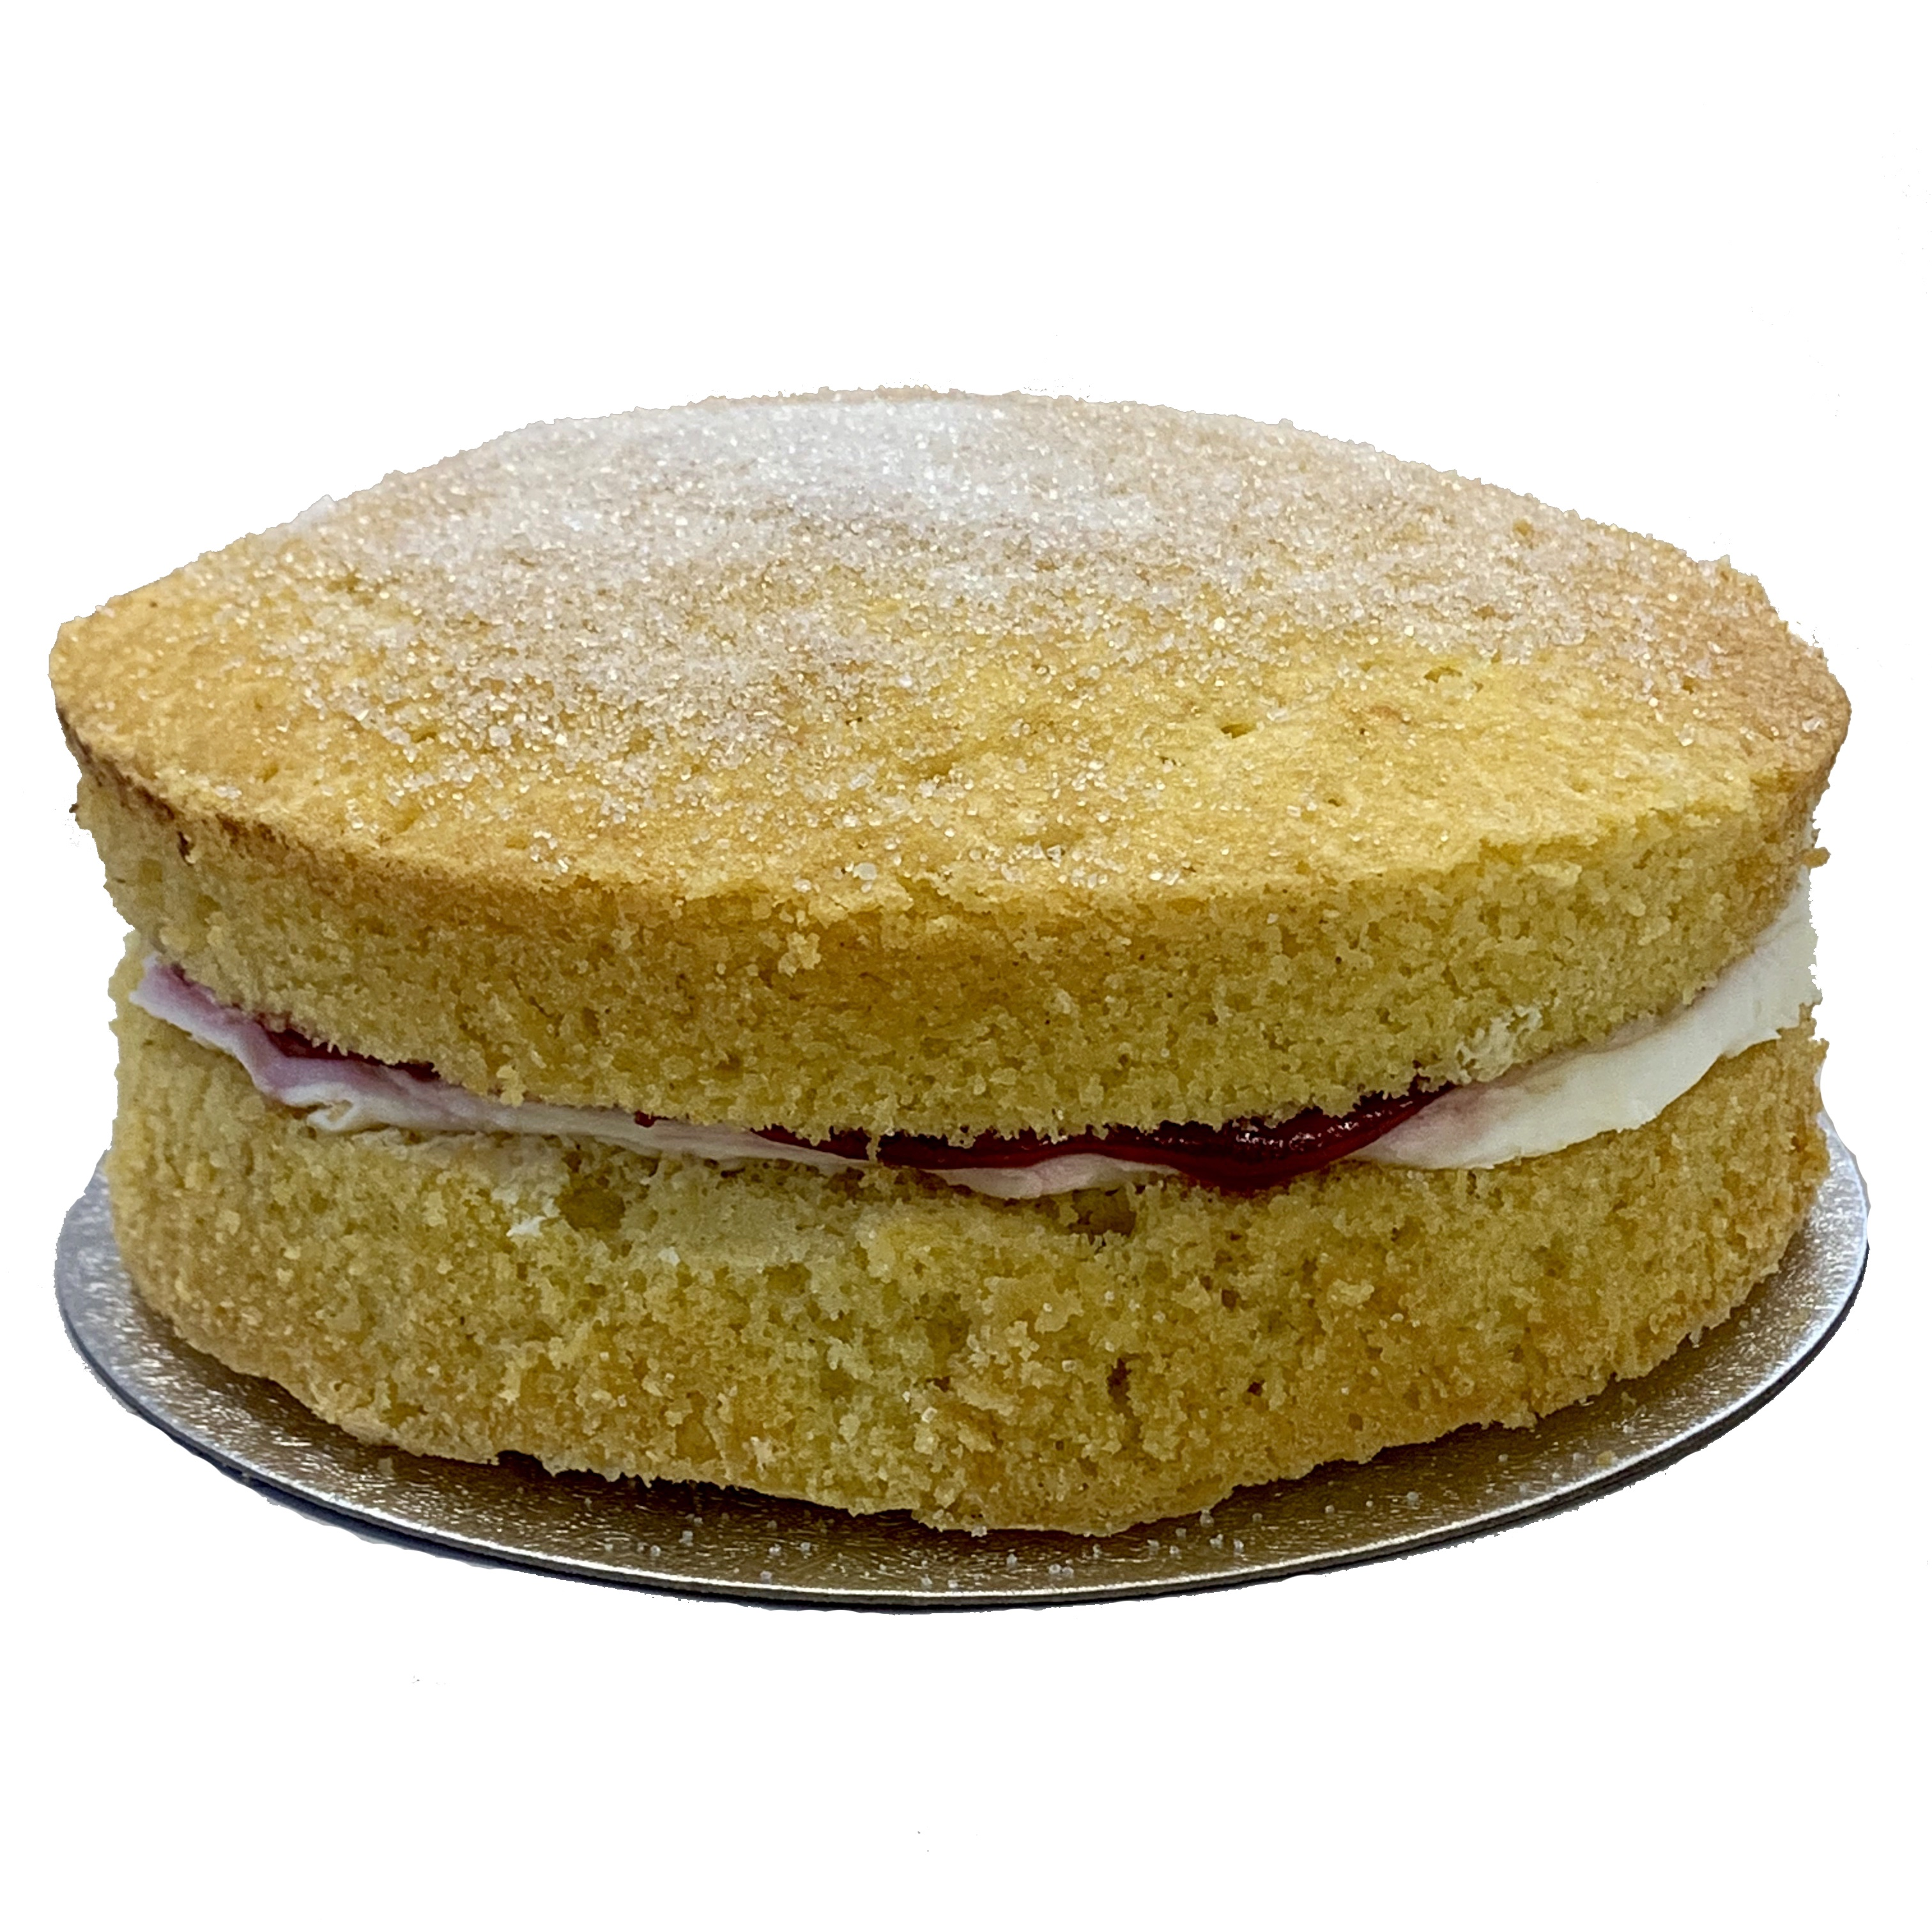 Cakes - Victoria